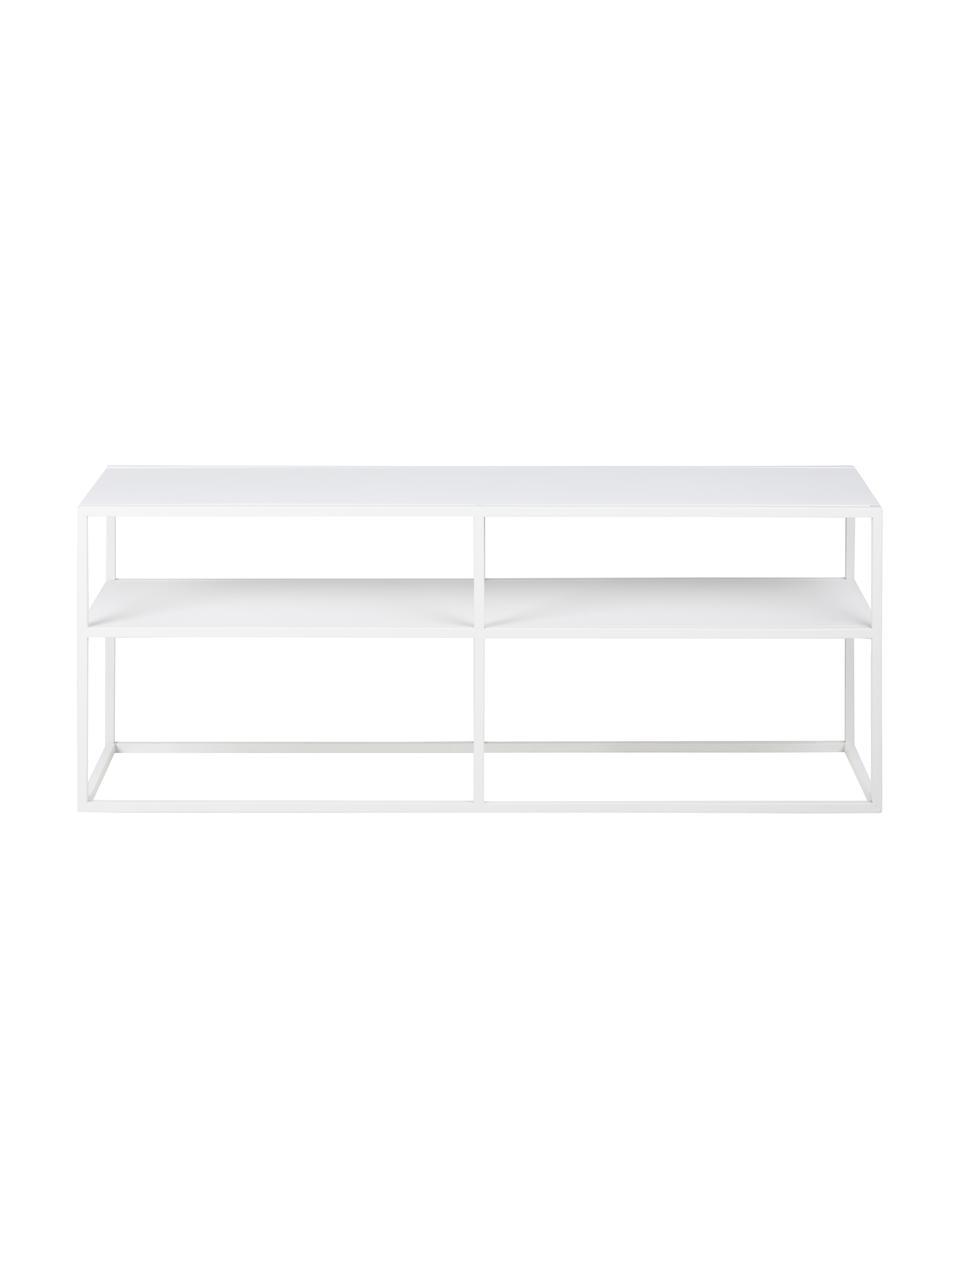 Credenza bassa in metallo bianco Newton, Metallo verniciato a polvere, Bianco, Larg. 120 x Alt. 46 cm